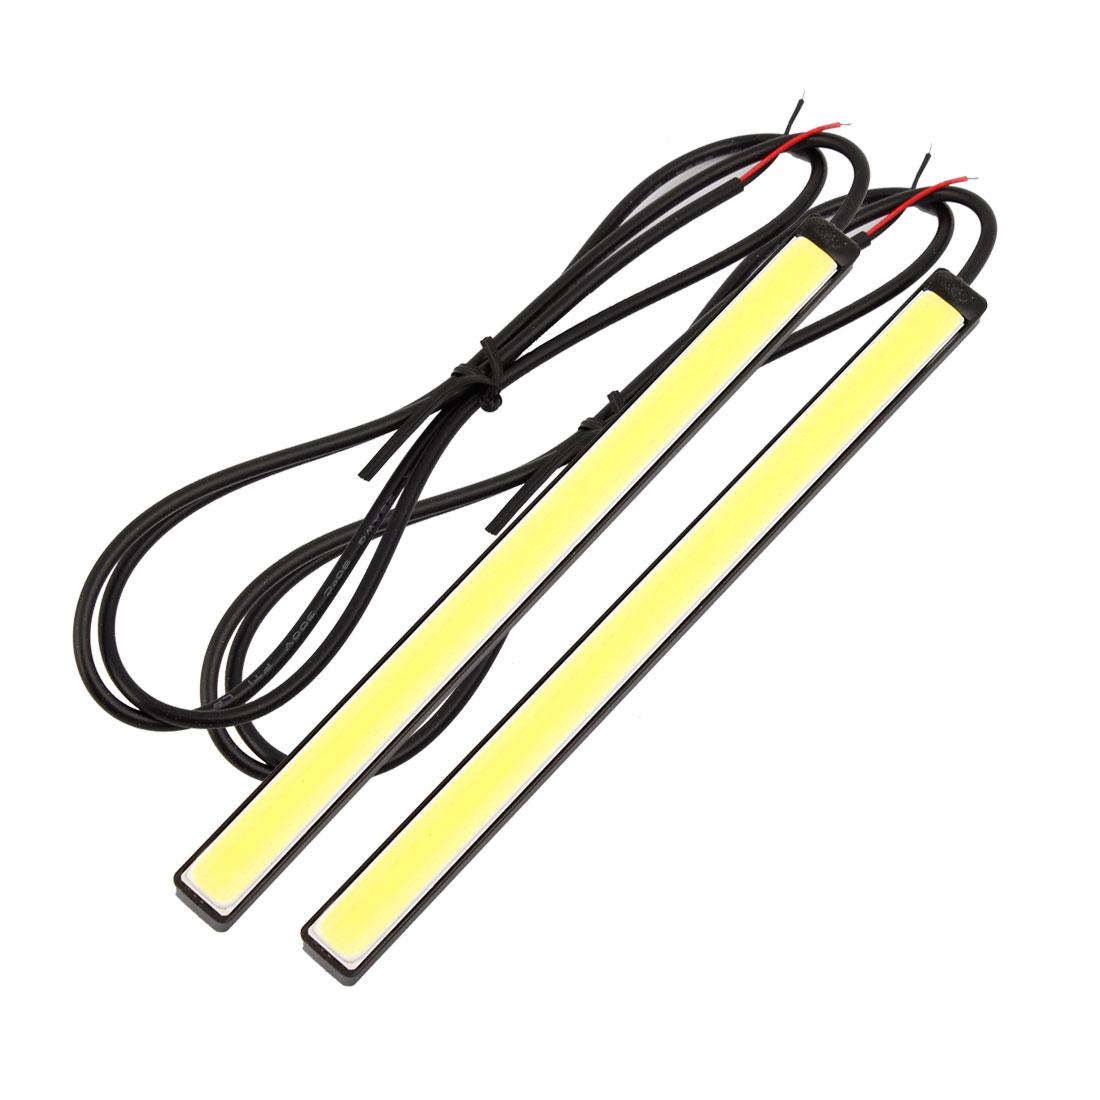 Pair 72 White COB LED Car DRL Driving Lamp Daytime Running Light 12V 17cm Long